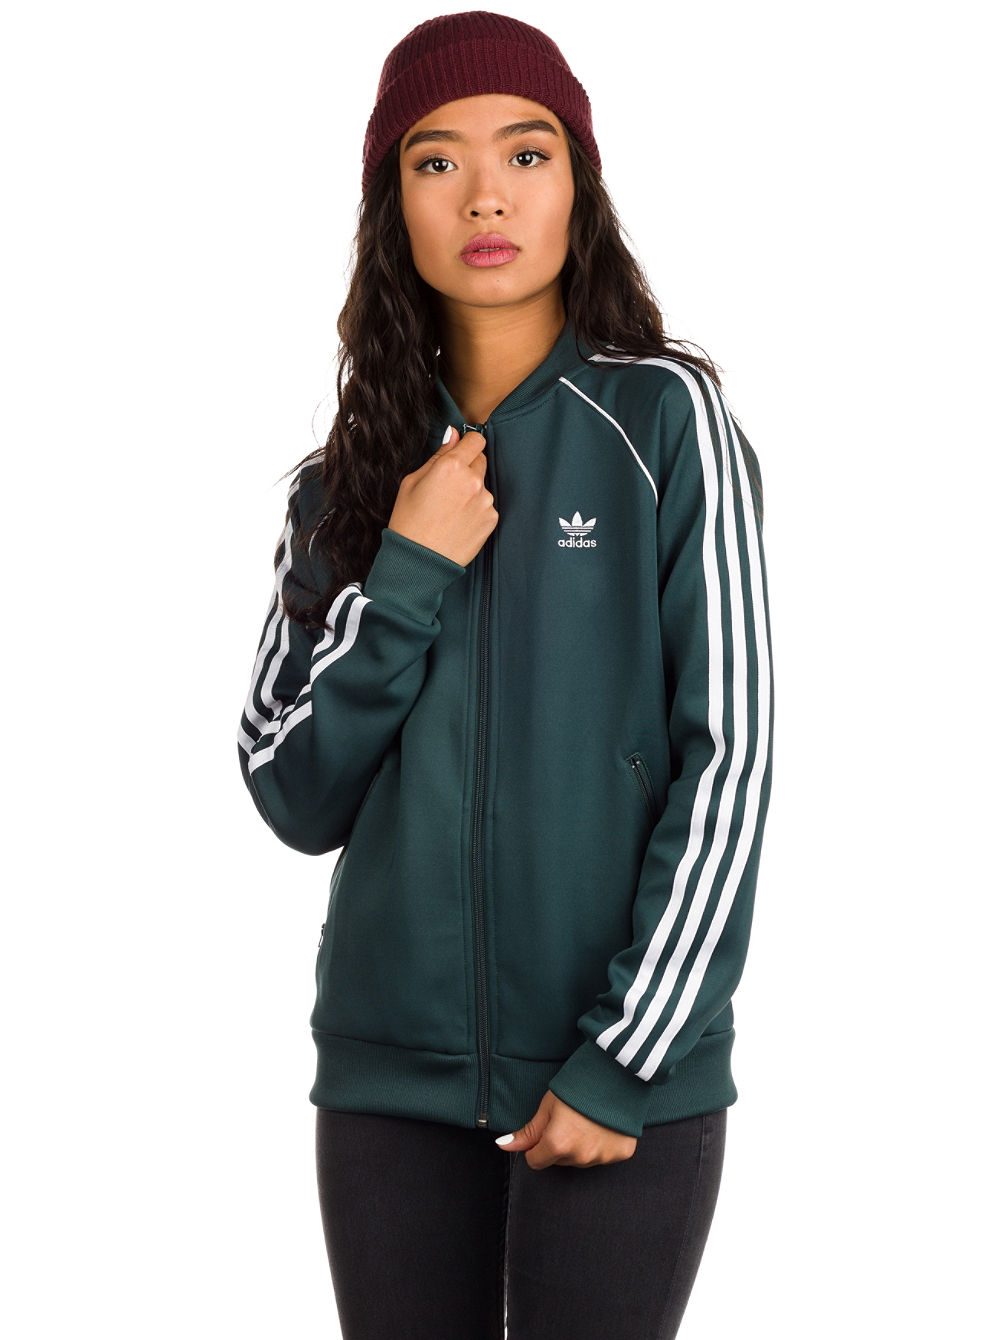 2a5a7d8c834d Buy adidas Originals SST TT Jacket online at Blue Tomato